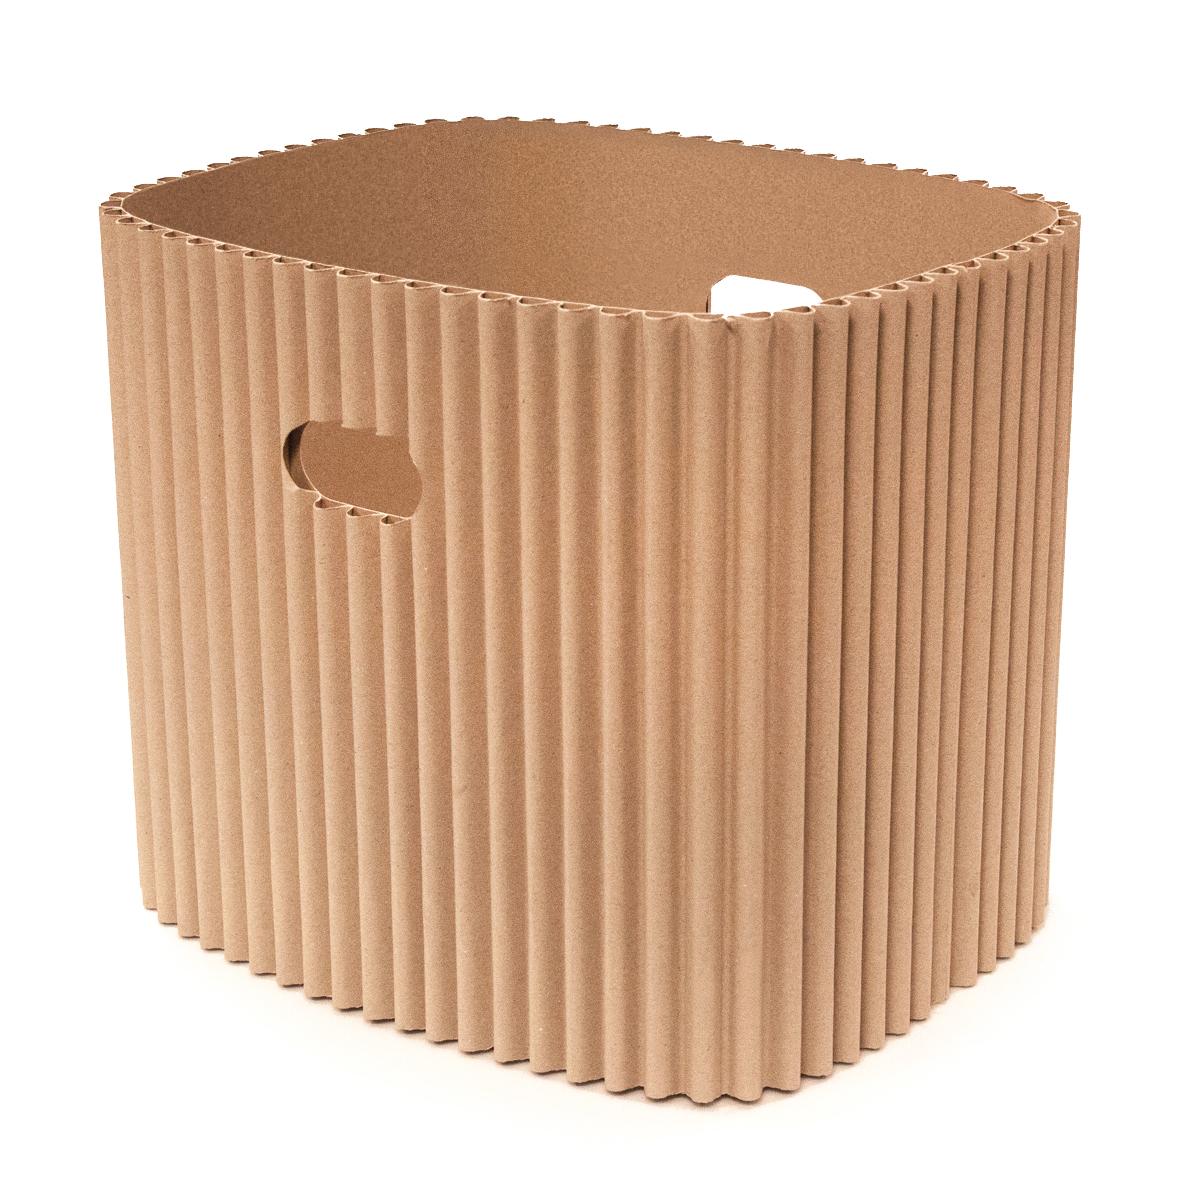 Cardboard boxes – riAlto™ _Box